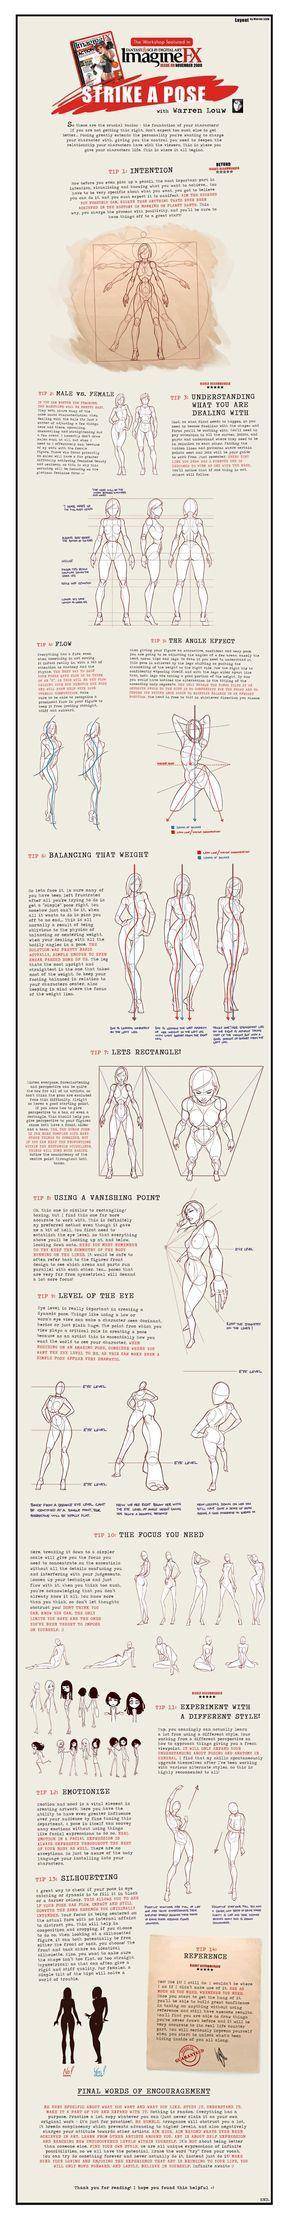 Guías de dibujo: Anatomía y movimientos del cuerpo   El cuerpo ...